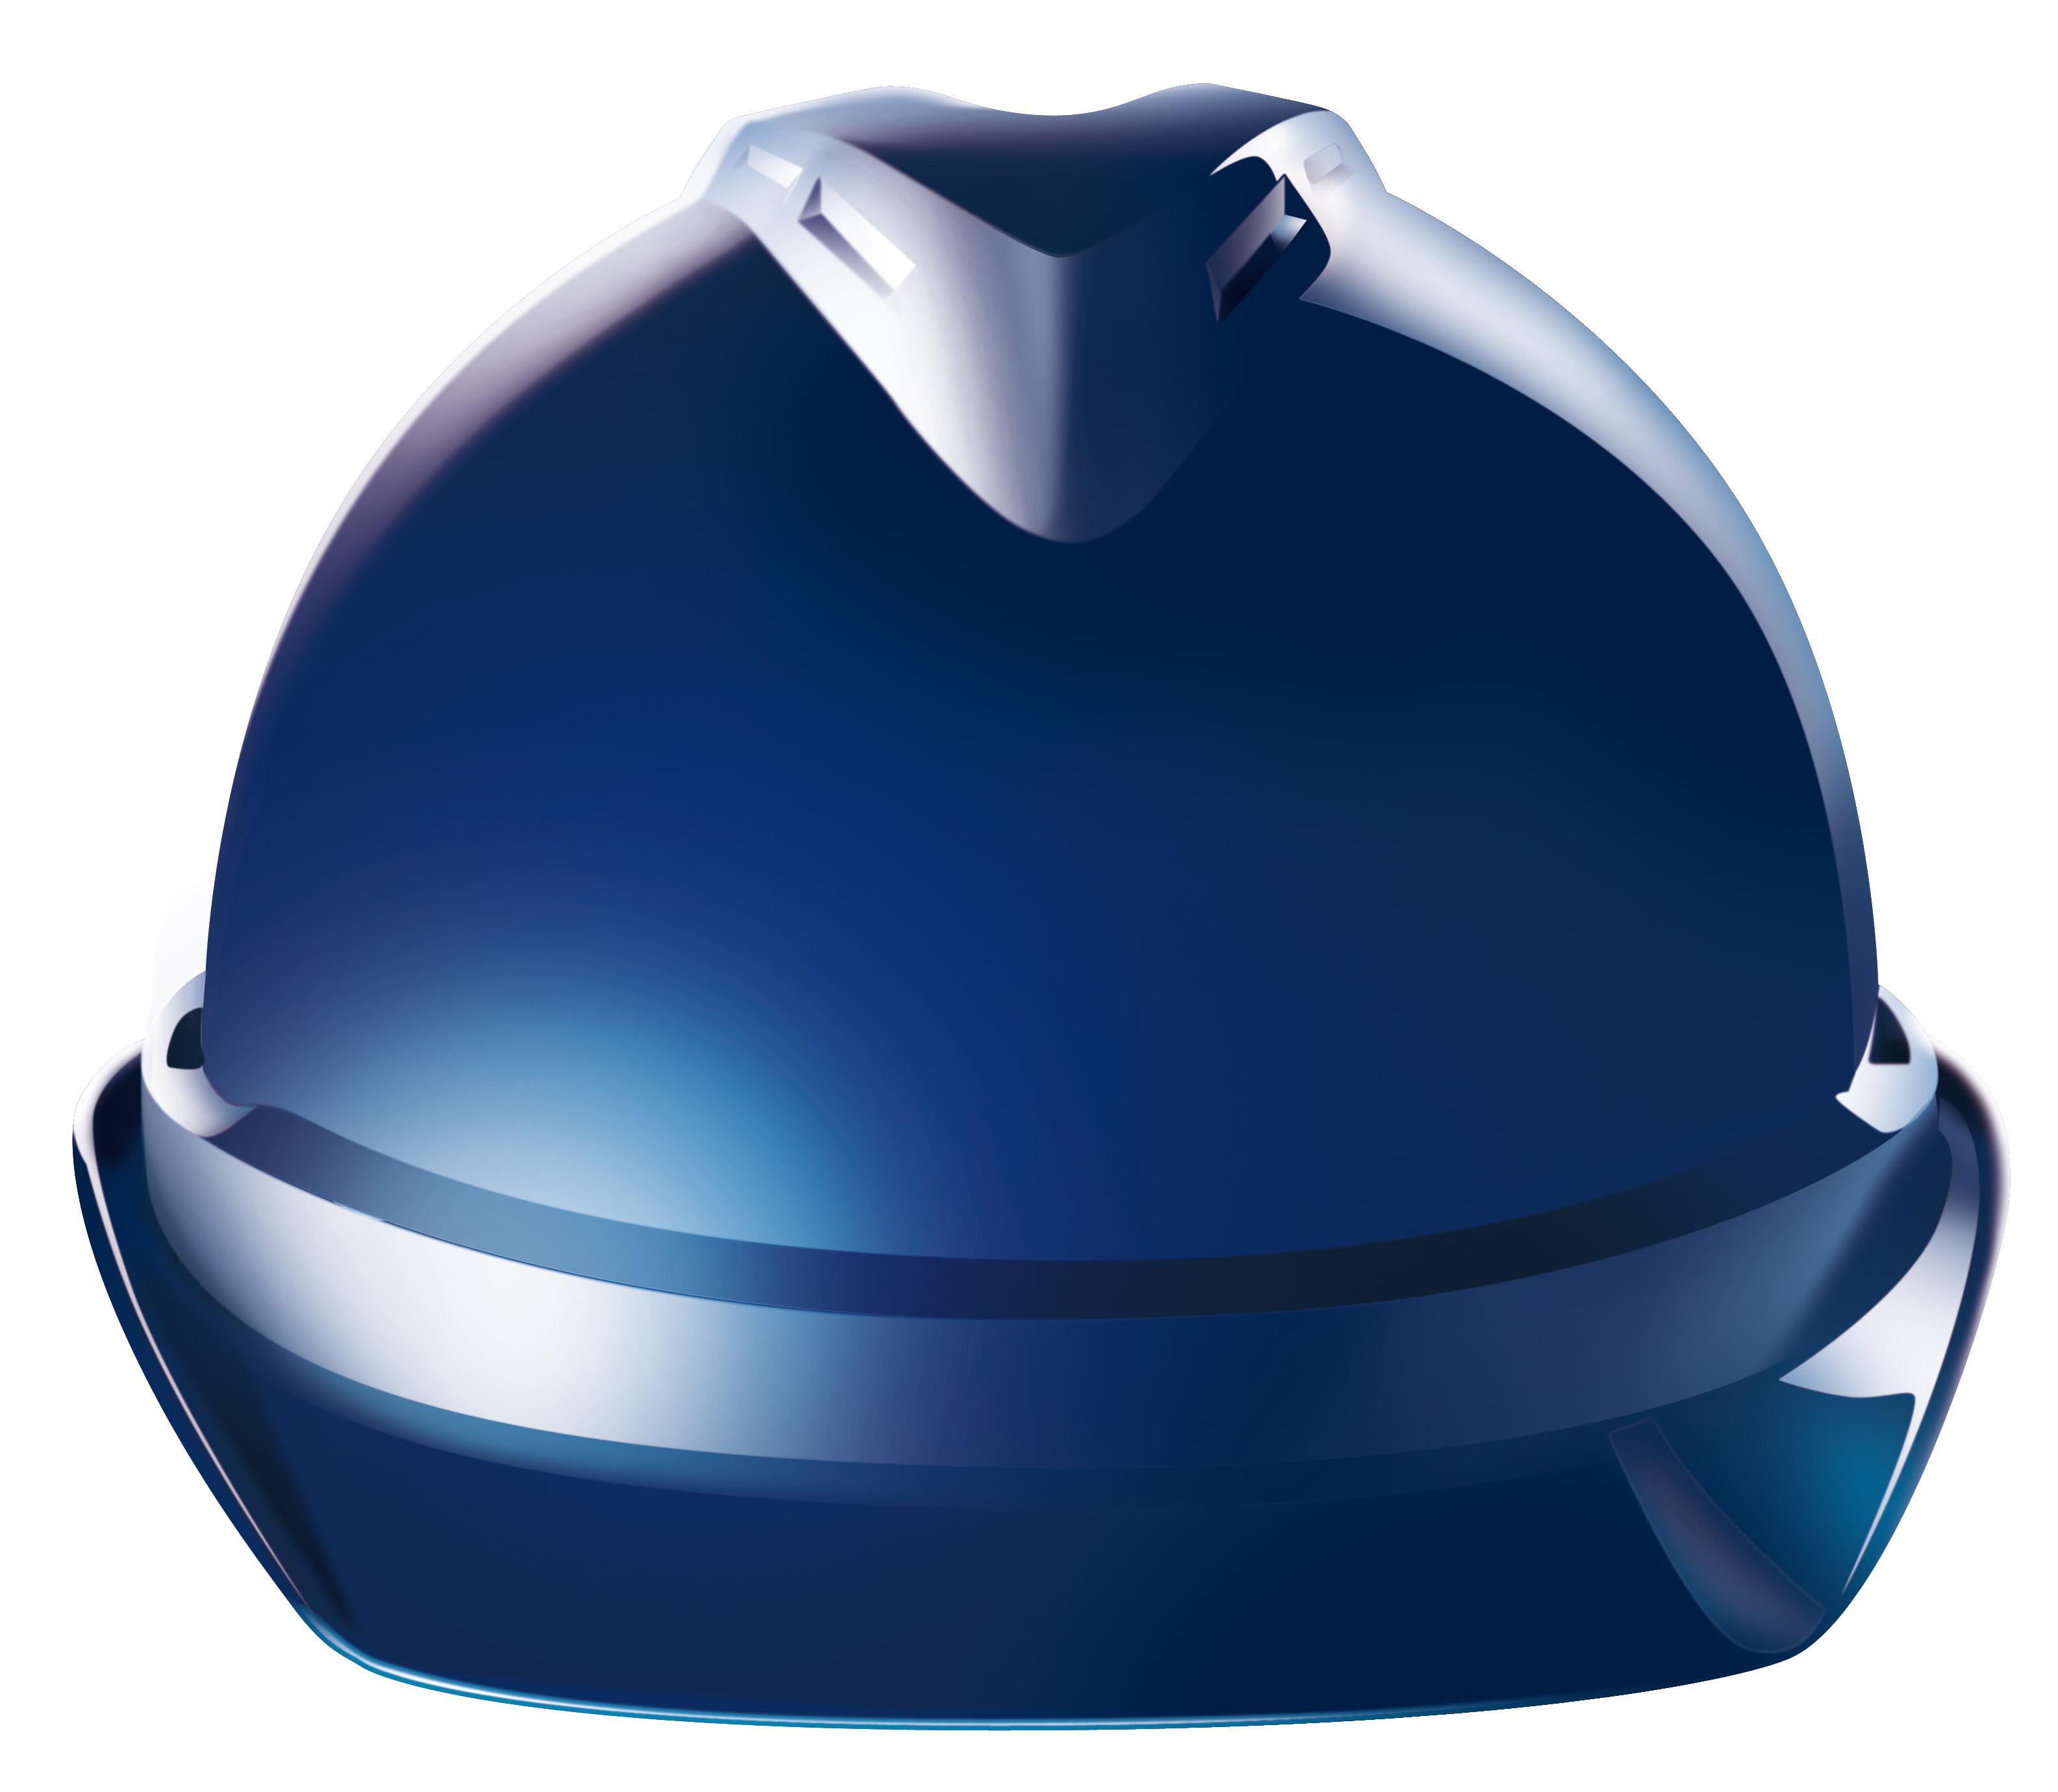 La nouvelle offreeuropéenne de casque de protection MSAV-Gard est fabriquée en France à Châtillon sur Chalaronne dans